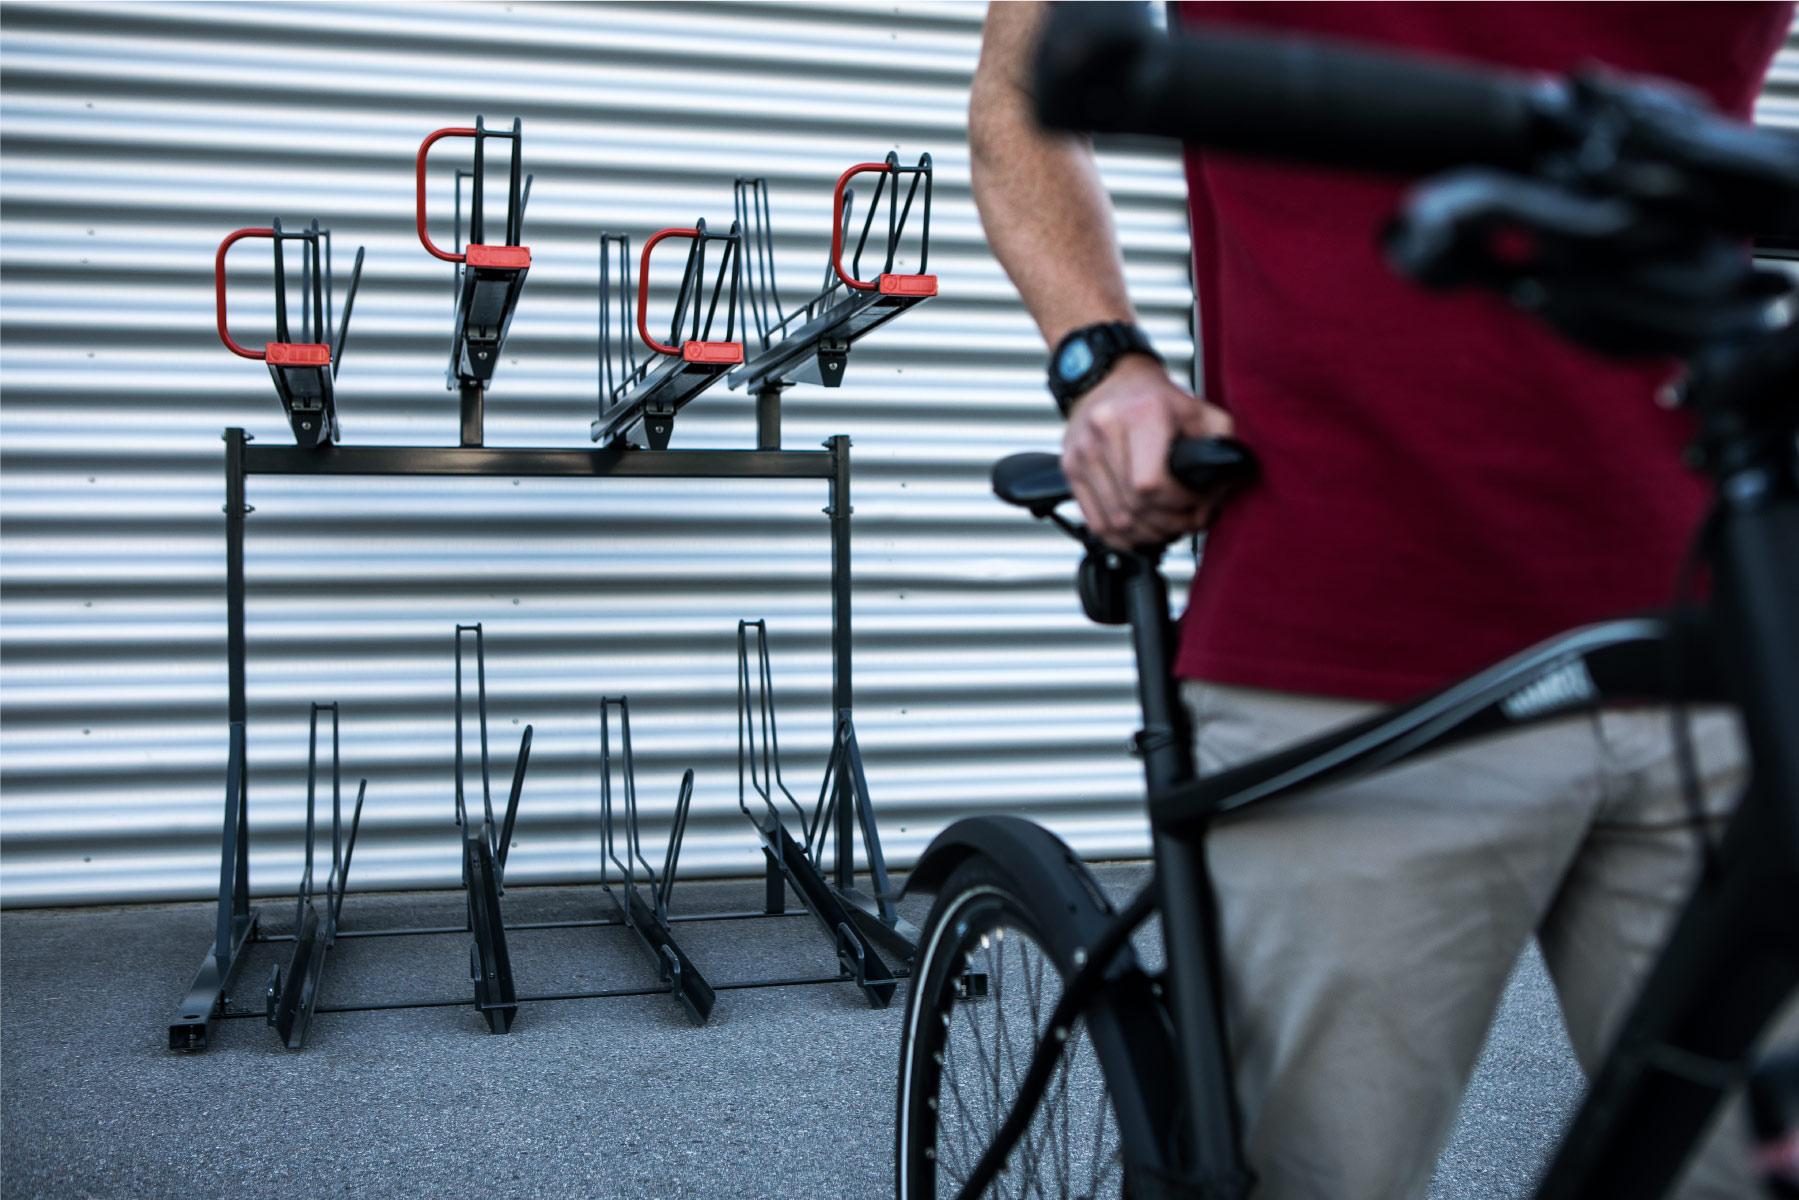 Cyklos OPTIMA kaksikerros pyöräteline. 2-kerros teline runkolukituksella, henkilö kävelee pois telineestä pyörän kanssa